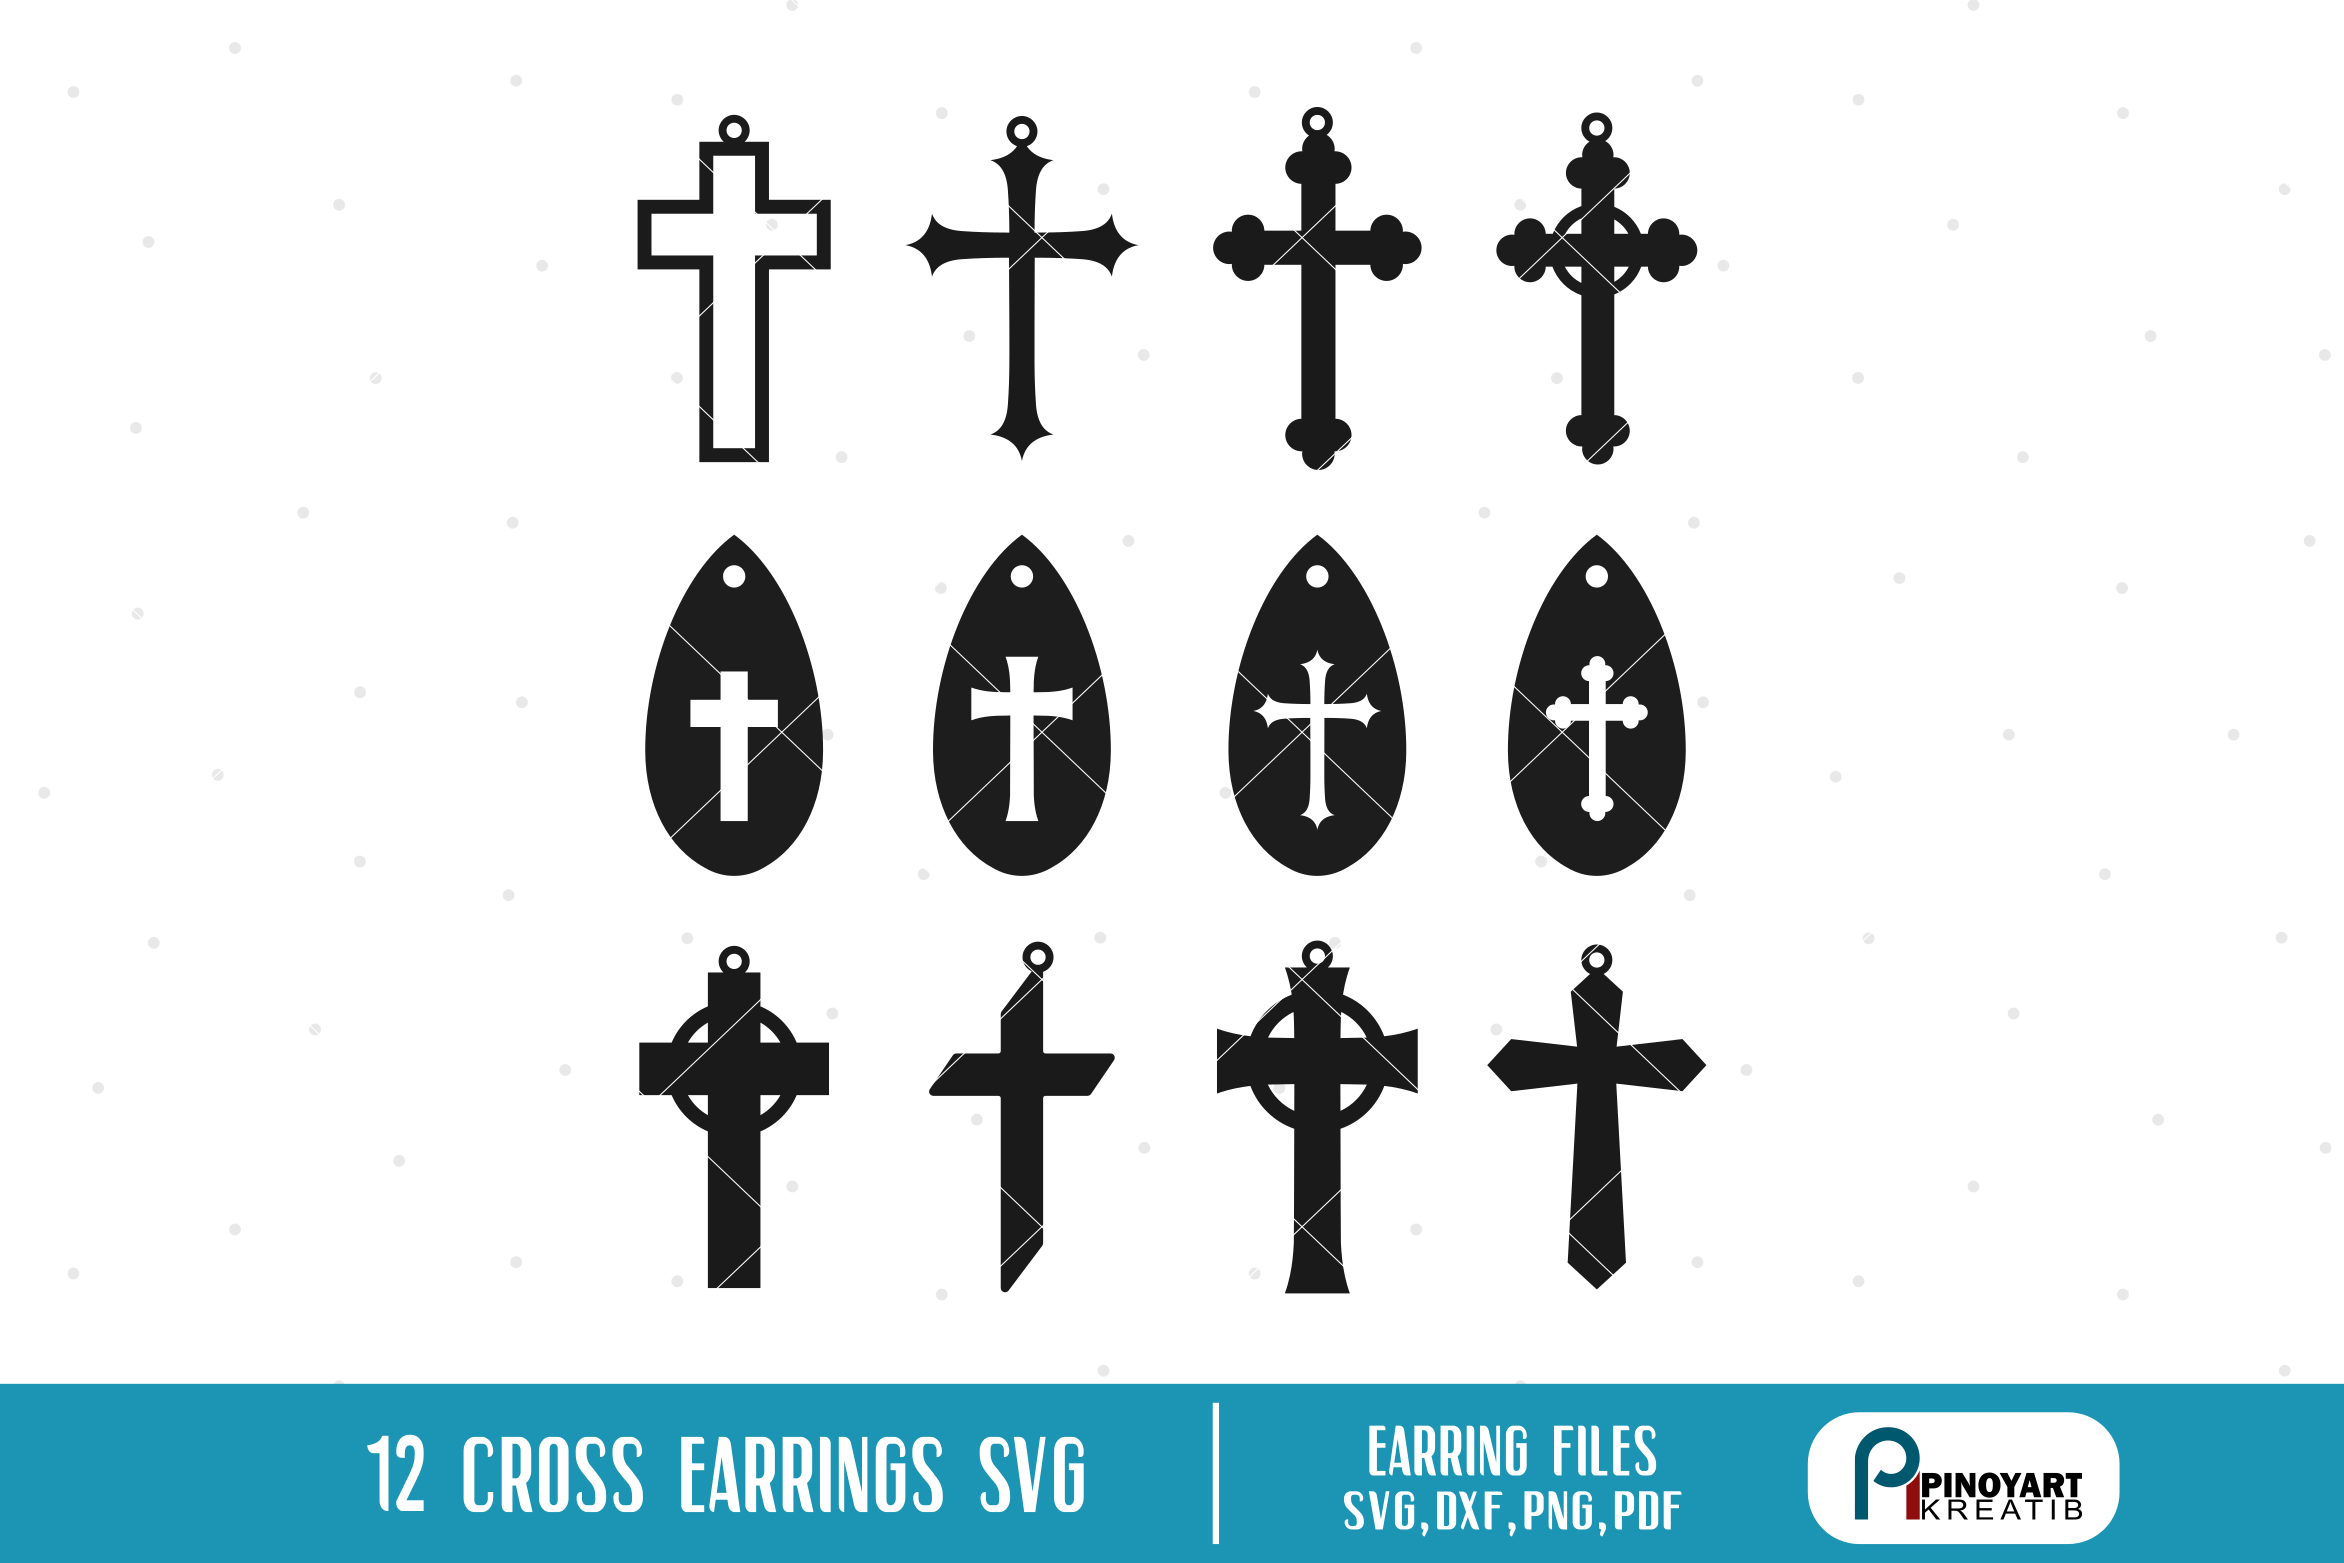 Black Teardrop Faux Leather Earrings With Cross.